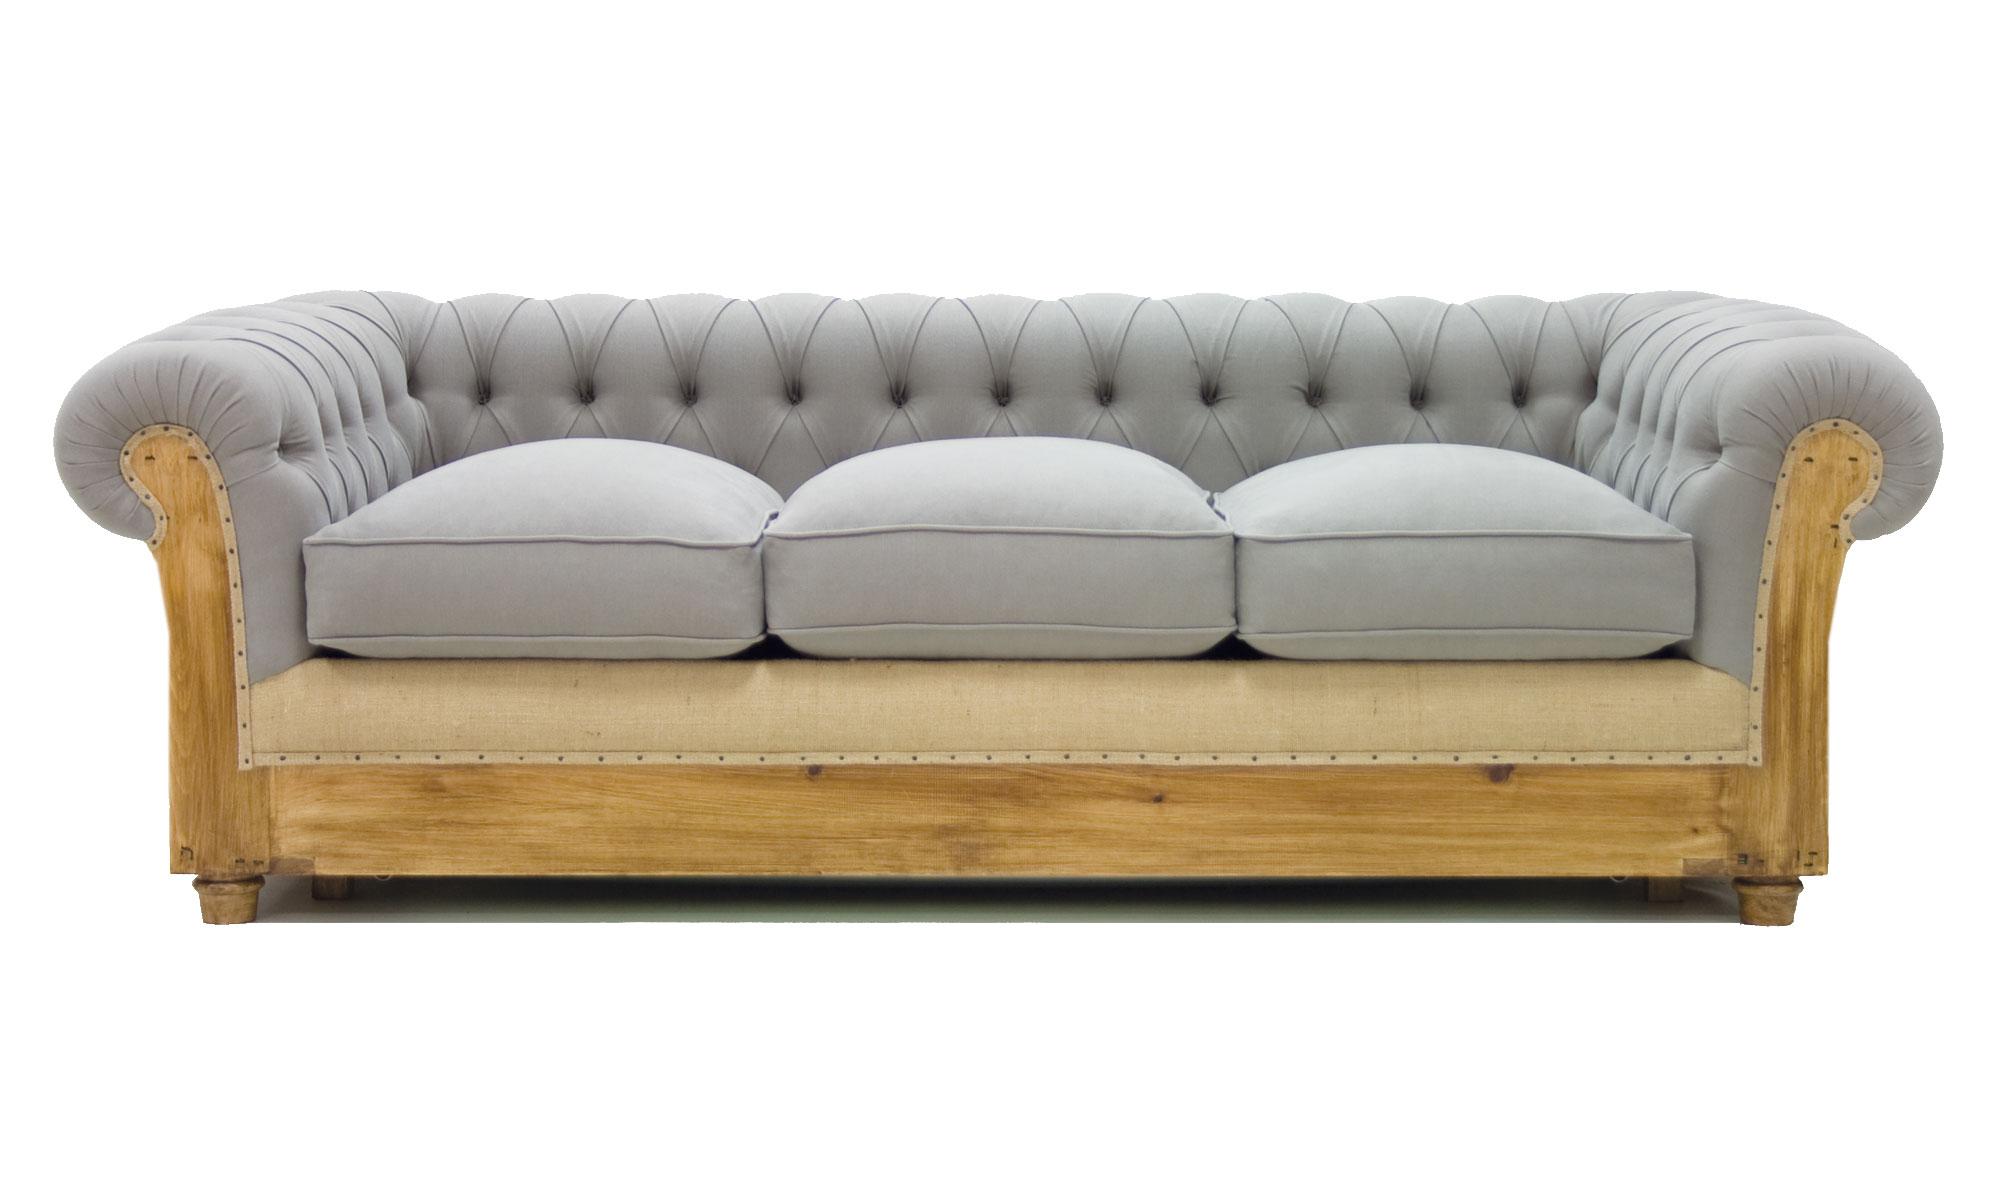 Sof cama gris chesterfield chesire en for Sofa cama chester precio